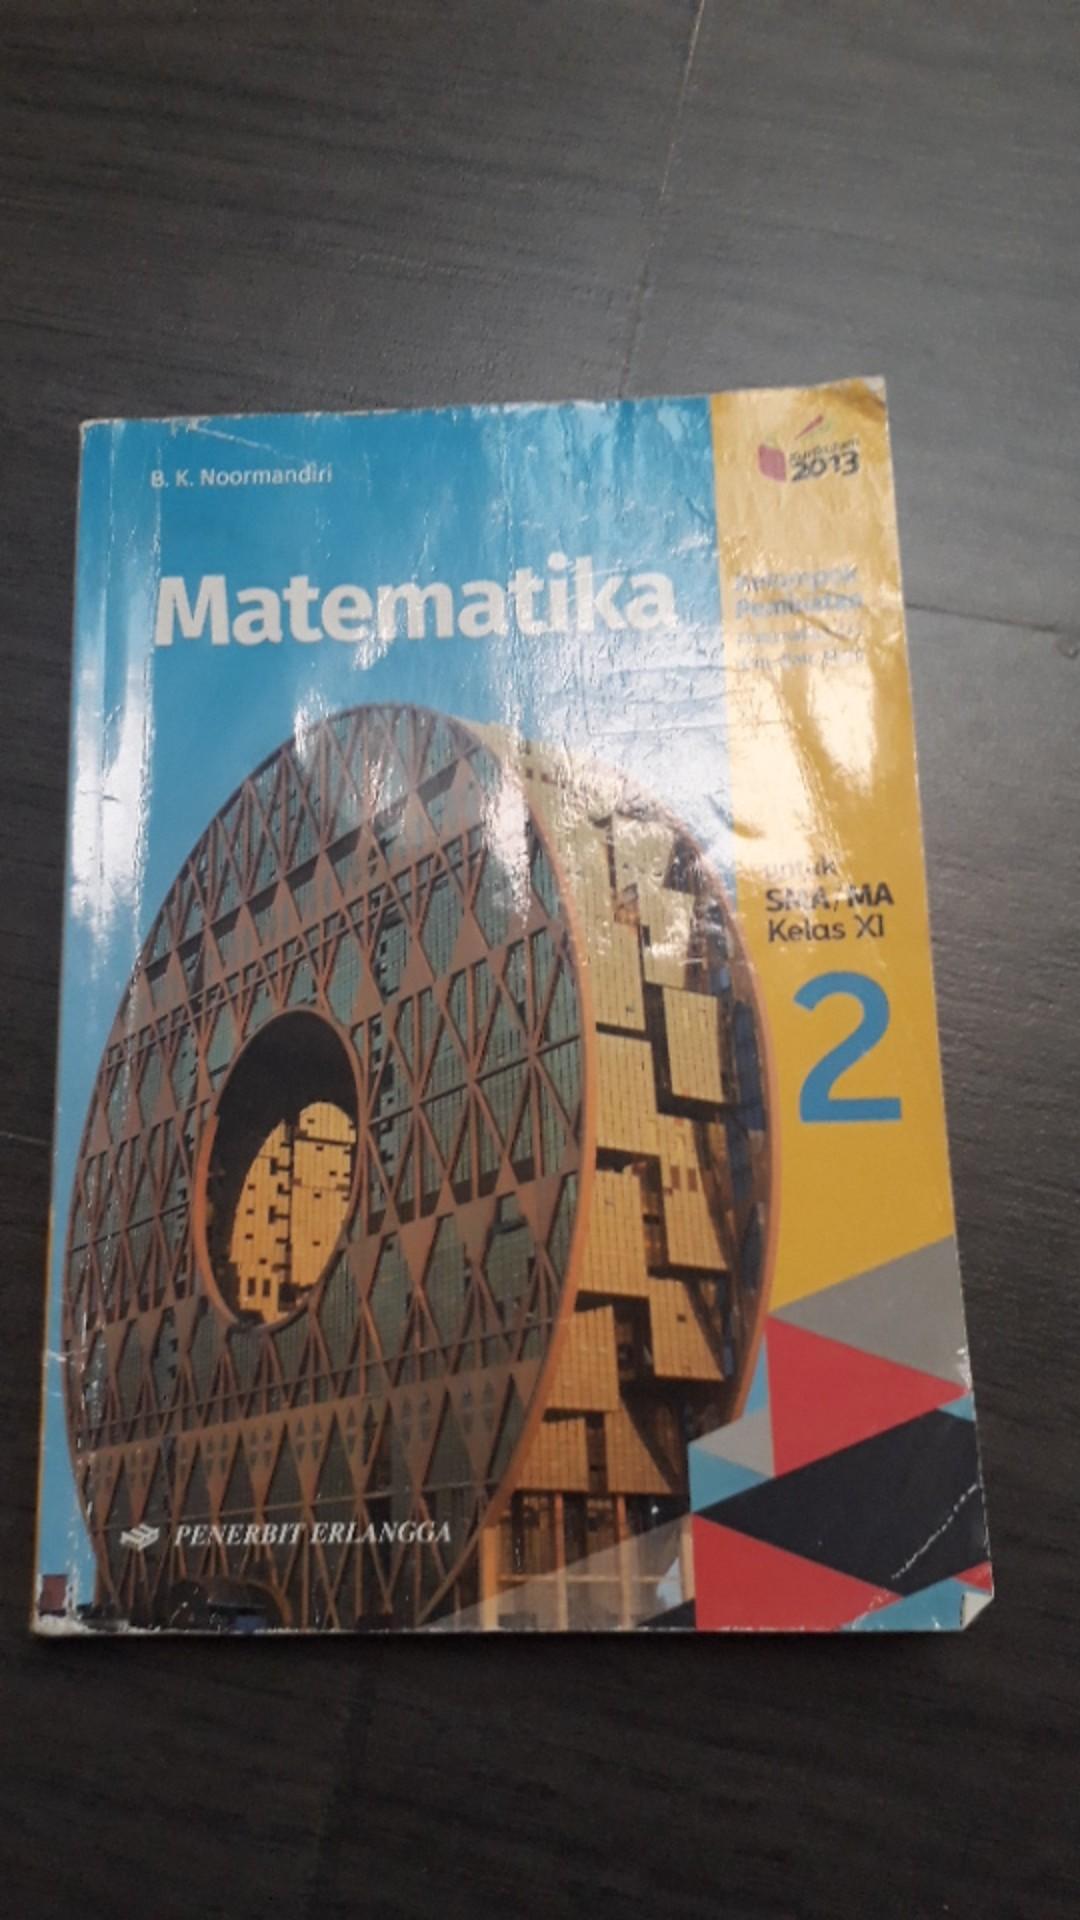 Buku Matematika Peminatan Kelas 11 Kurikulum 2013 Matematika Peminatan Kelas Xi Erlangga Shopee Indonesia